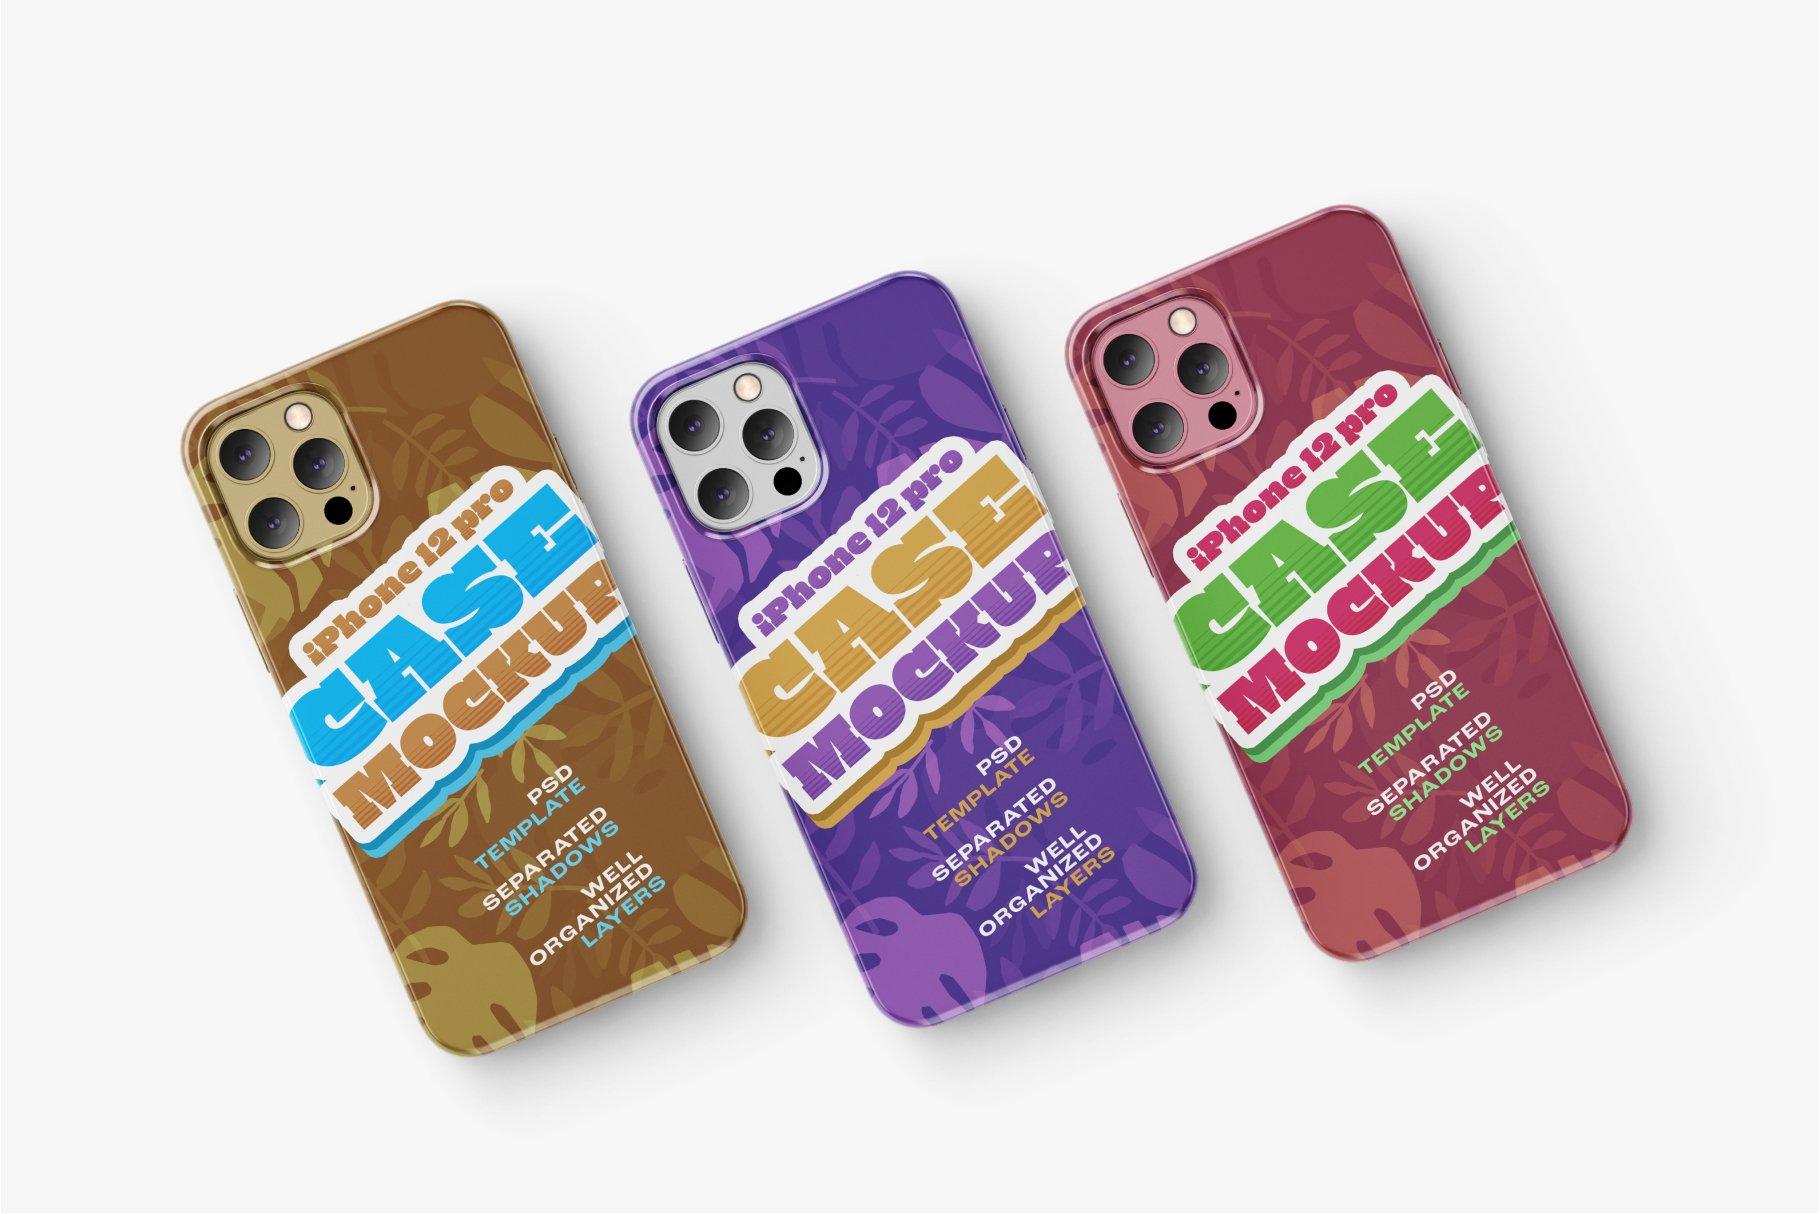 14款iPhone 12 Pro手机壳外观设计展示样机合集 iPhone 12 Pro Case Mockup Set插图7